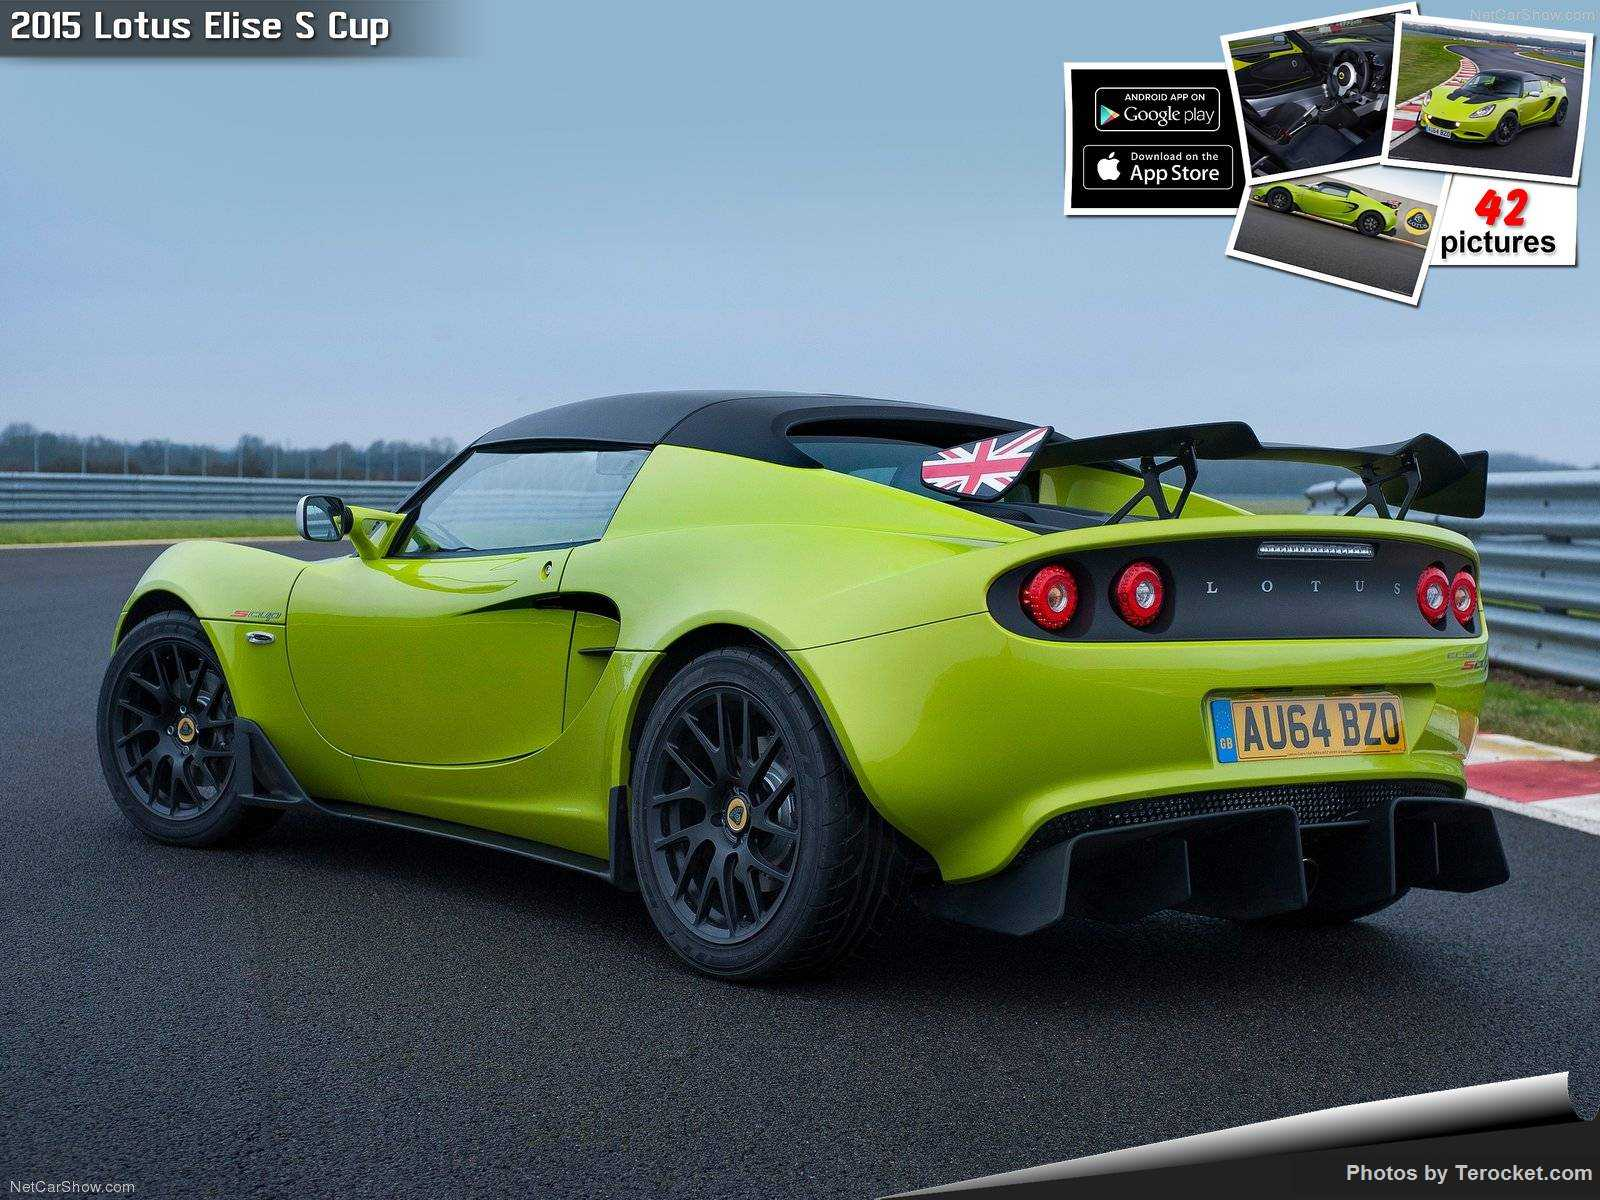 Hình ảnh siêu xe Lotus Elise S Cup 2015 & nội ngoại thất